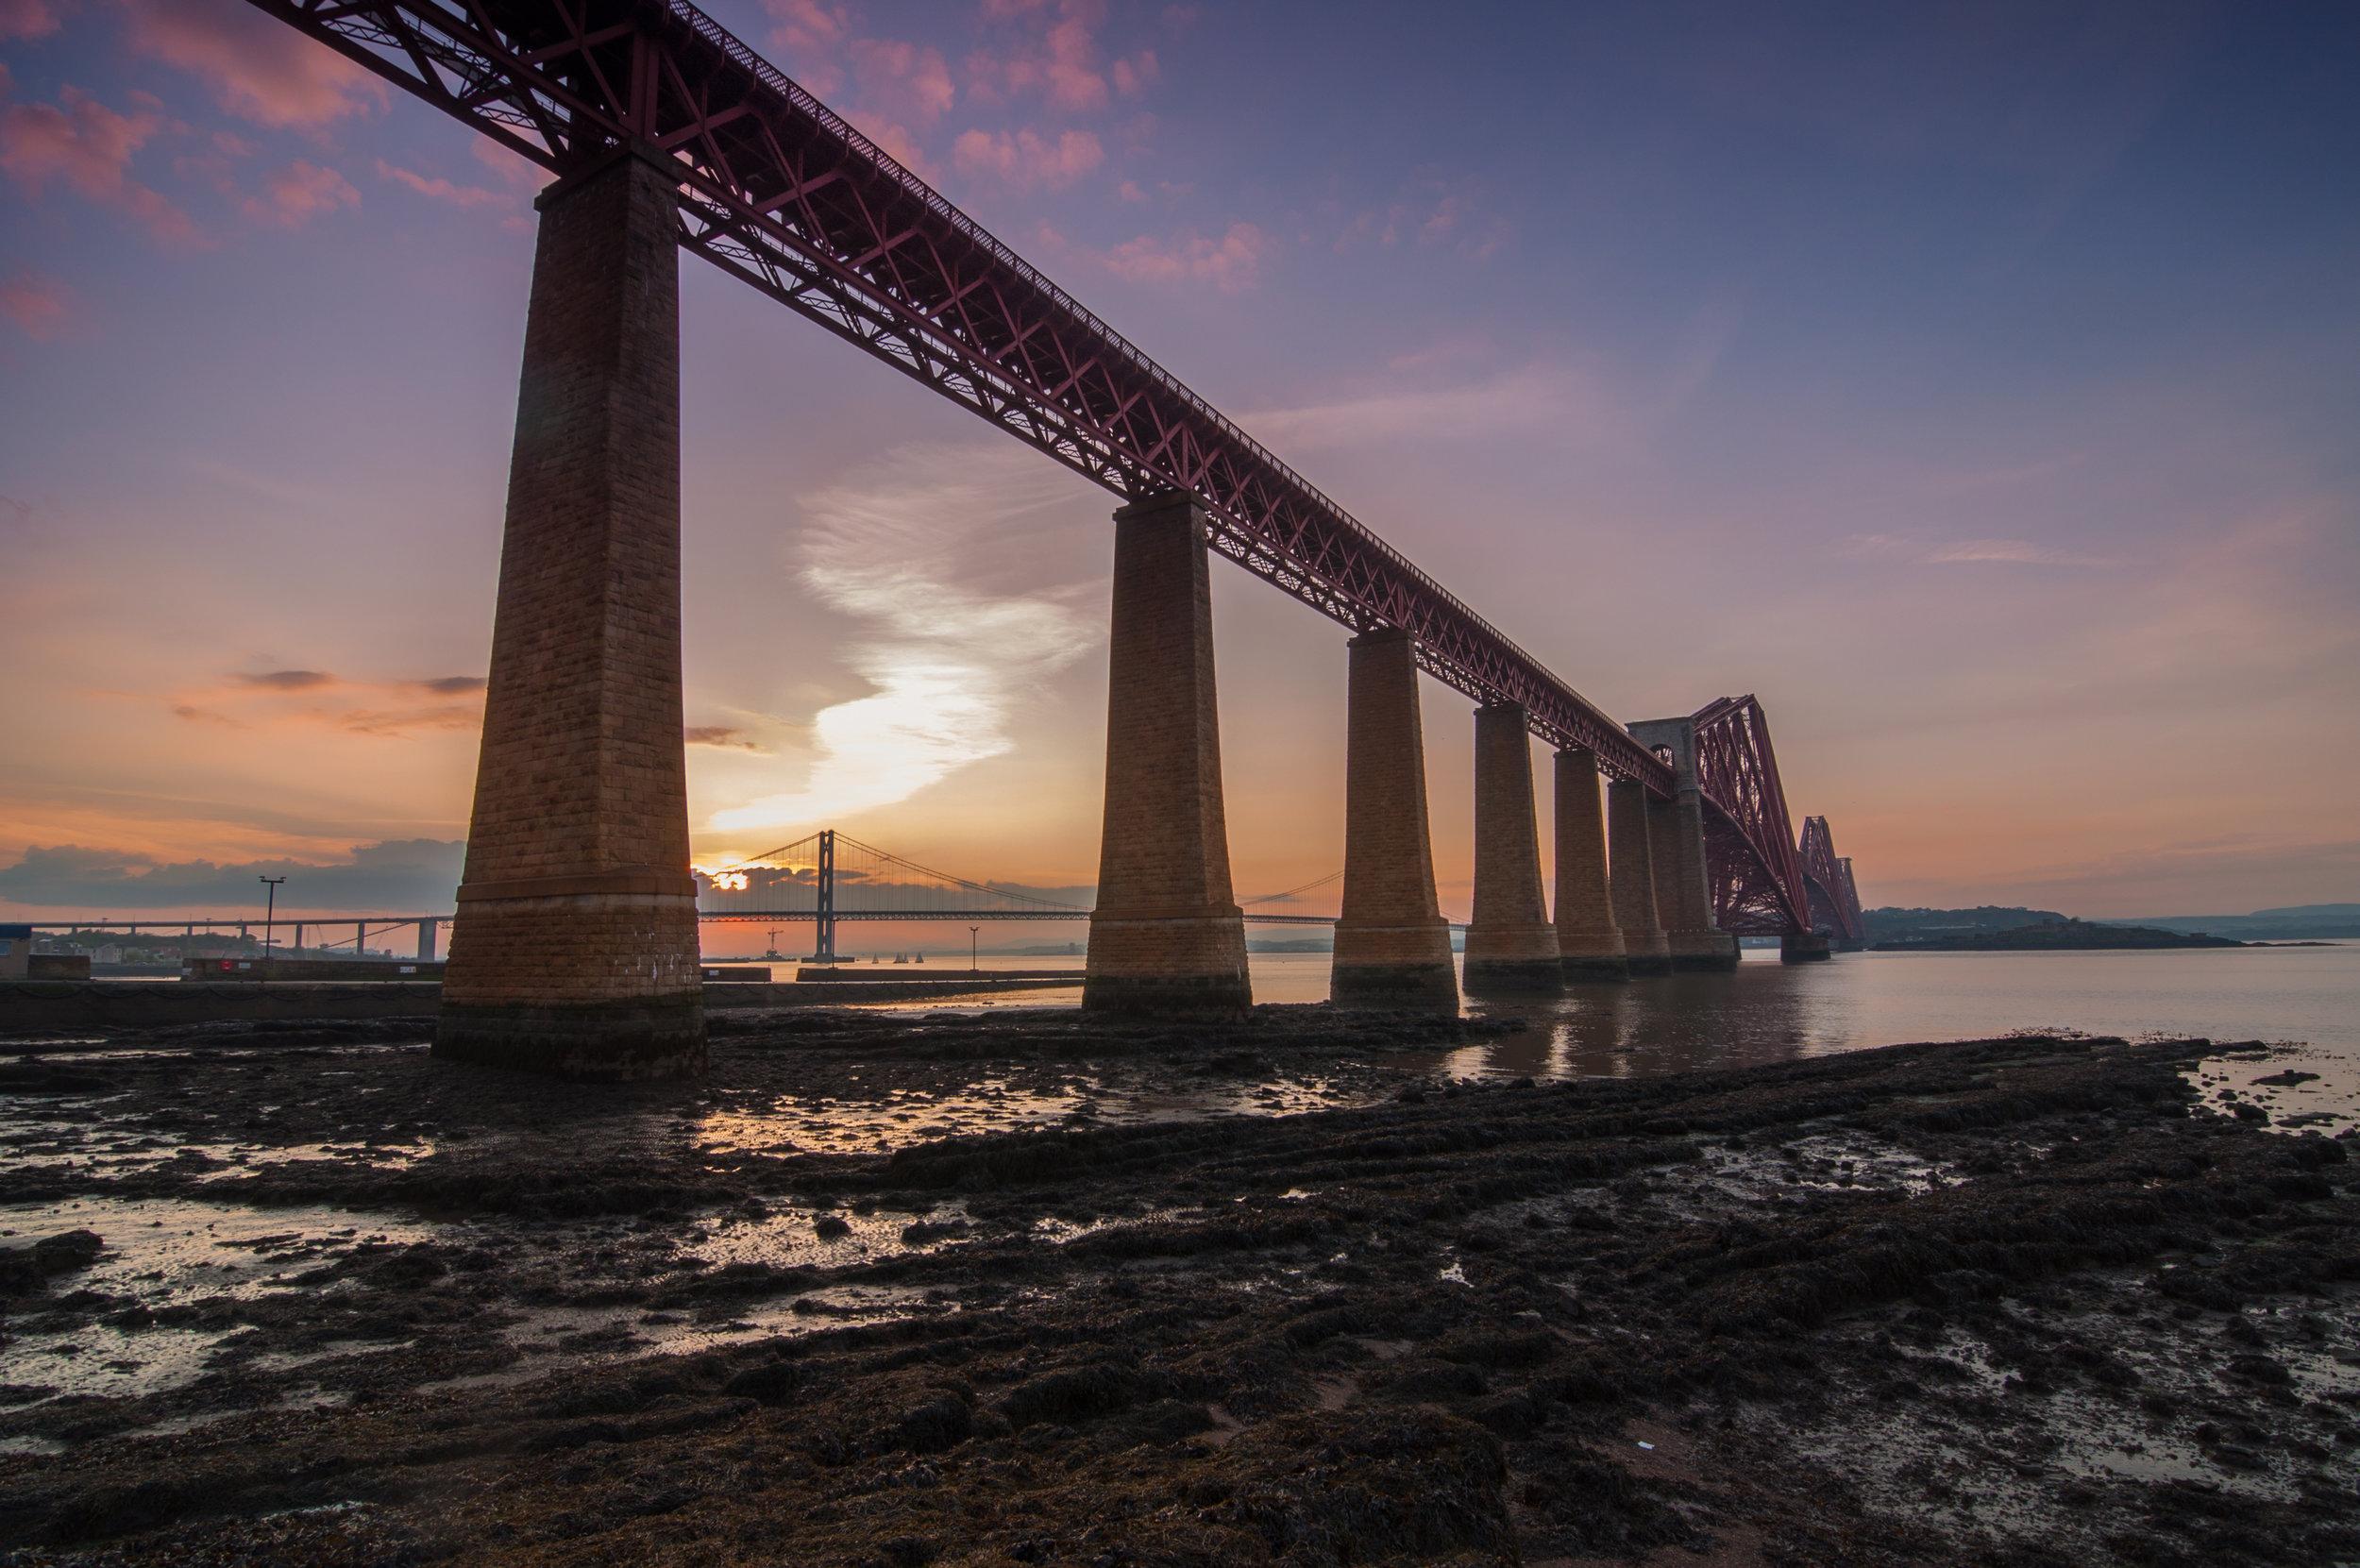 Queensferry Bridge - 2014 - DSC_1938-Edit.jpg